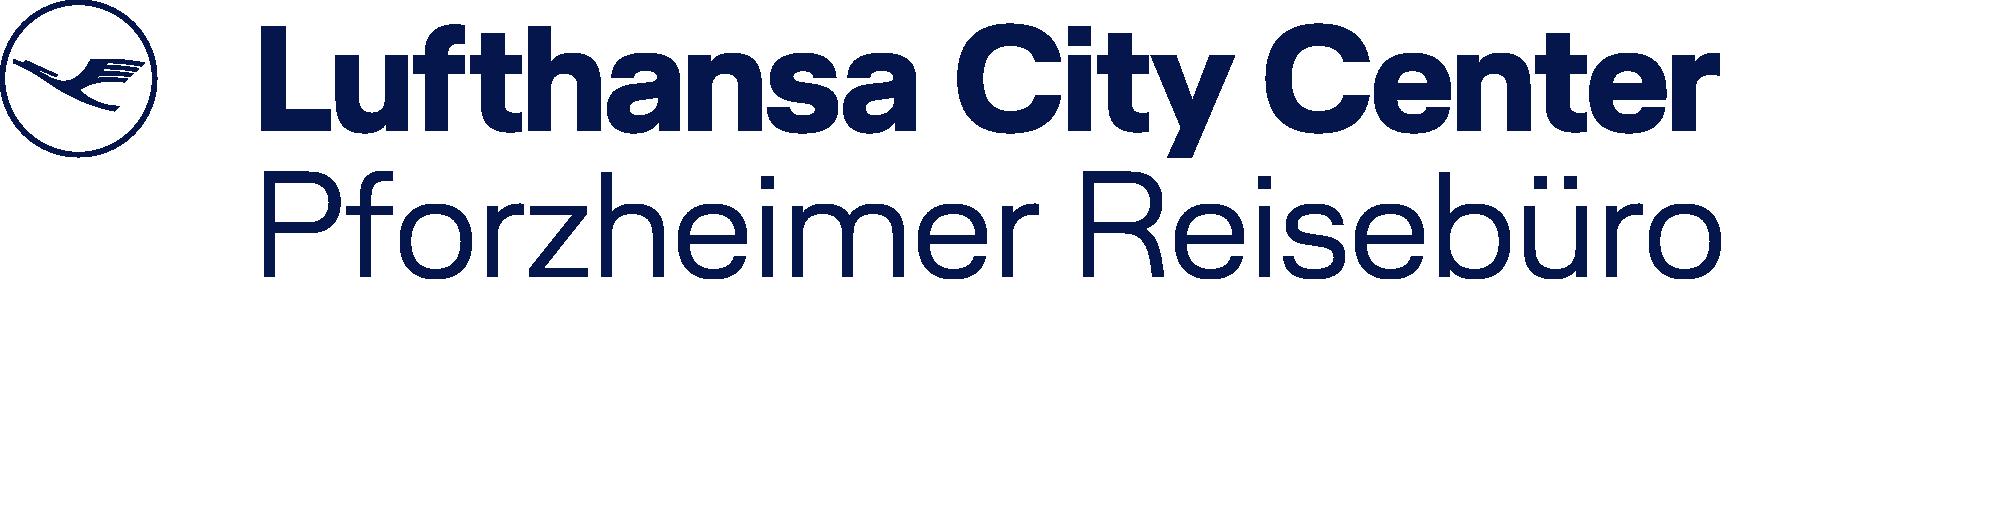 Kundenliste und Referenzen für Personenführungen, MEDER CommTech GmbH